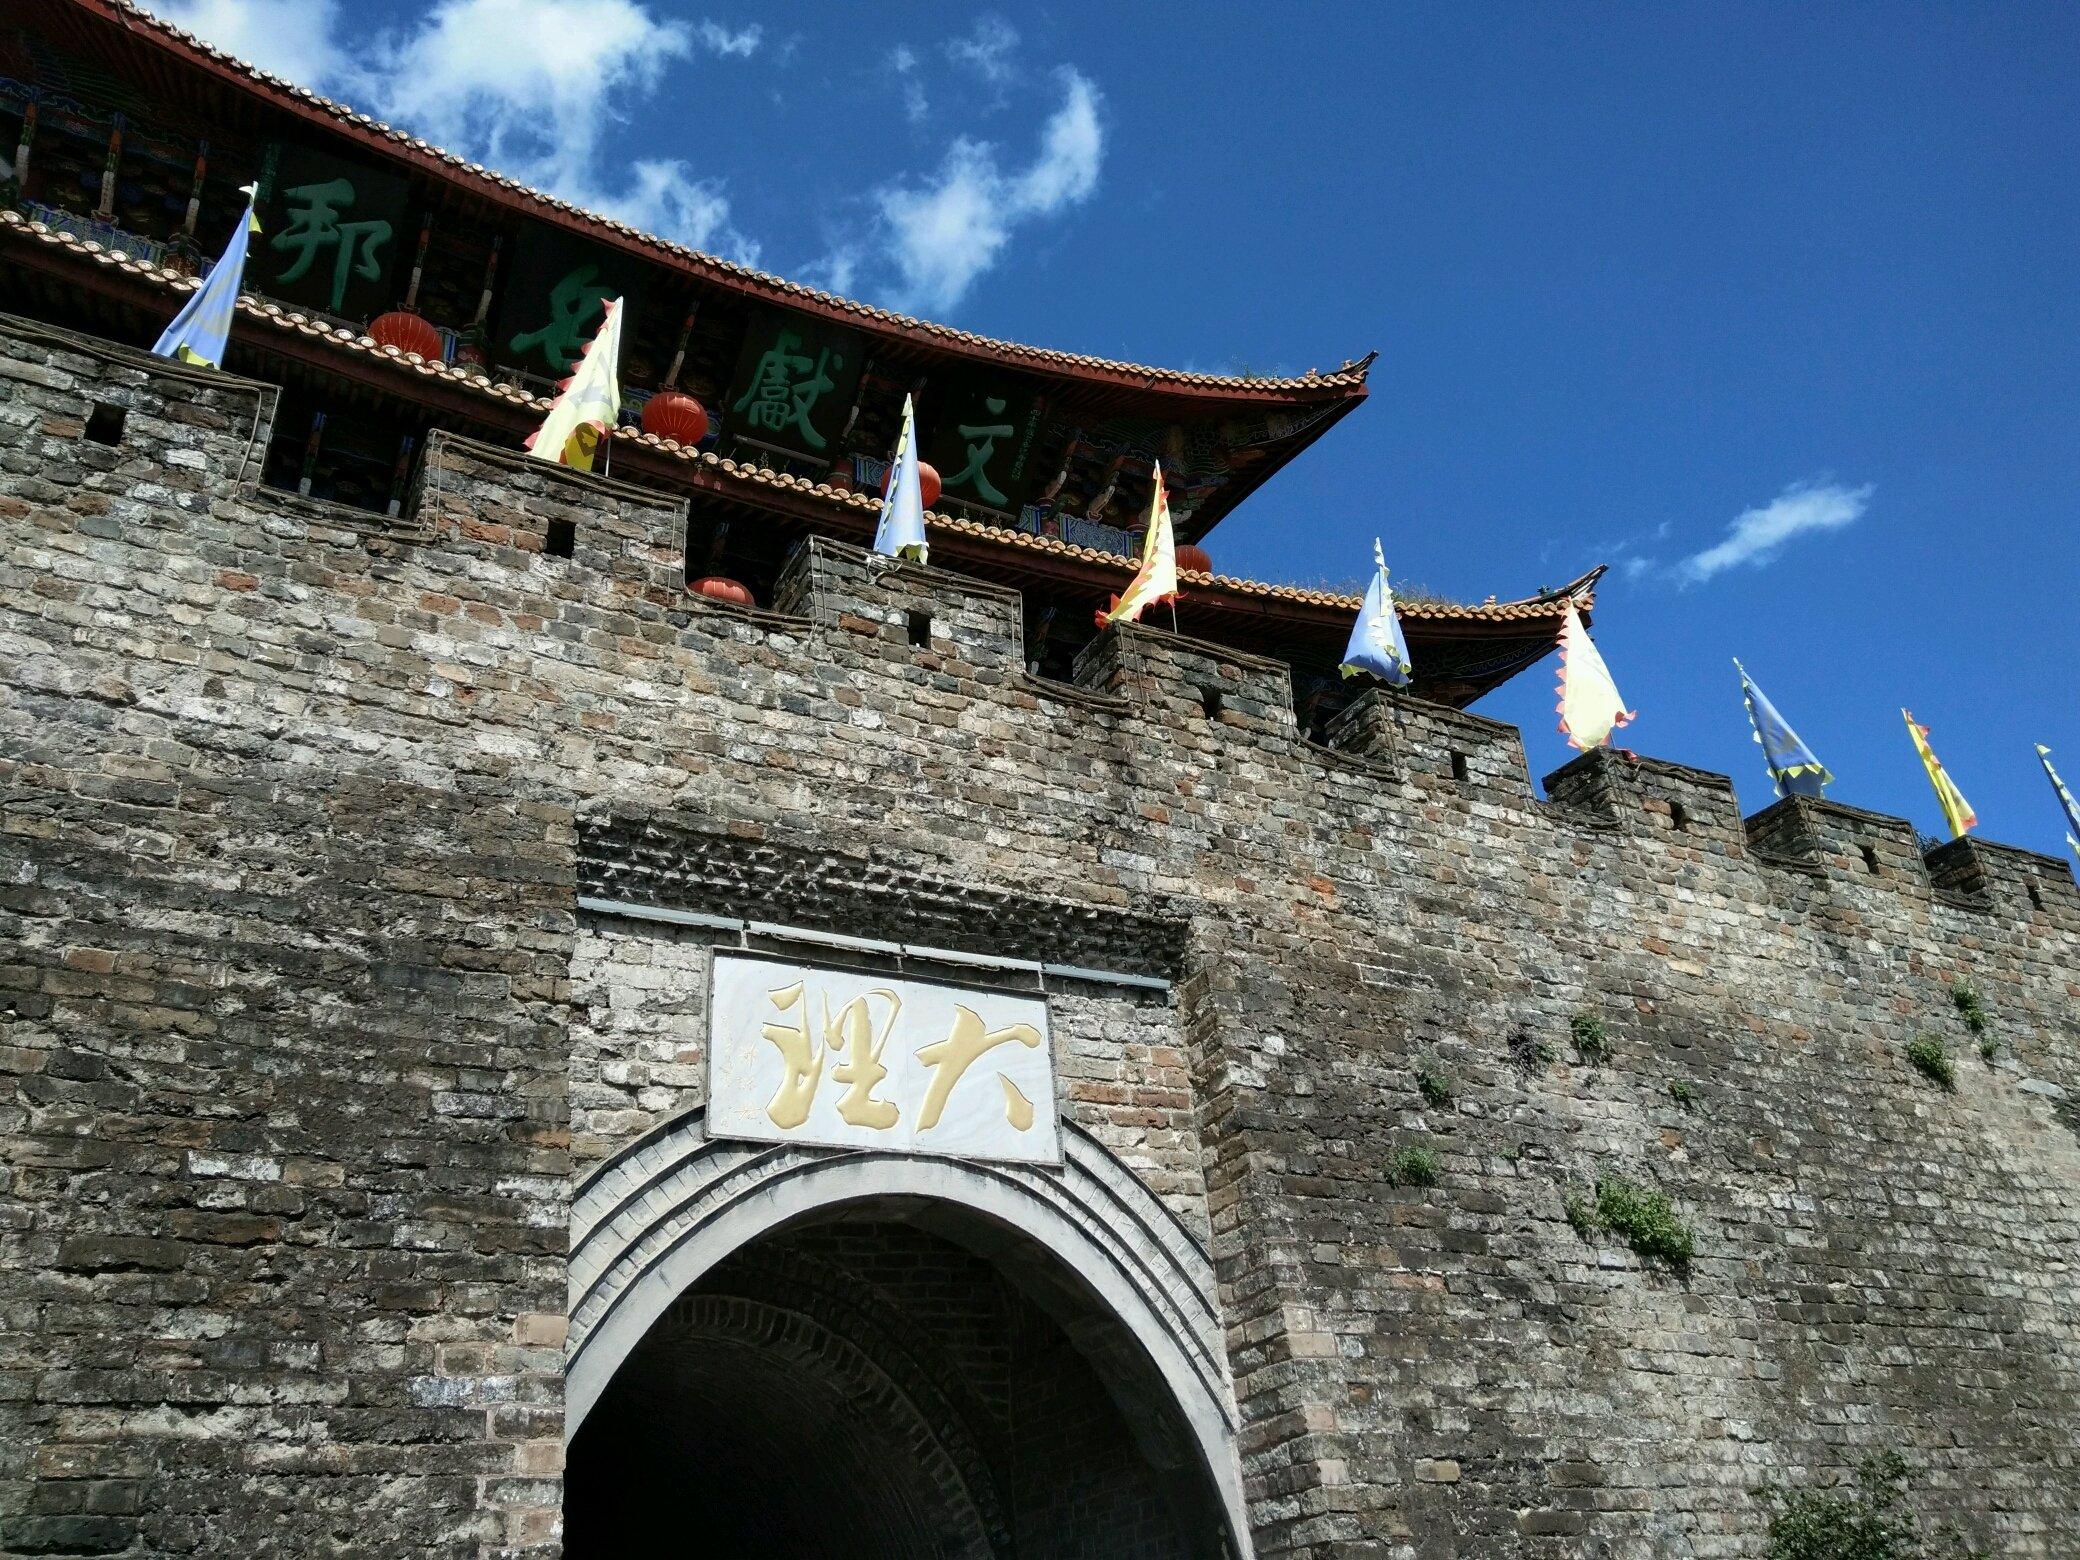 云南丽江,大理,沈阳6日5晚-昆明旅游攻略-游记昆明攻略至长白山图片